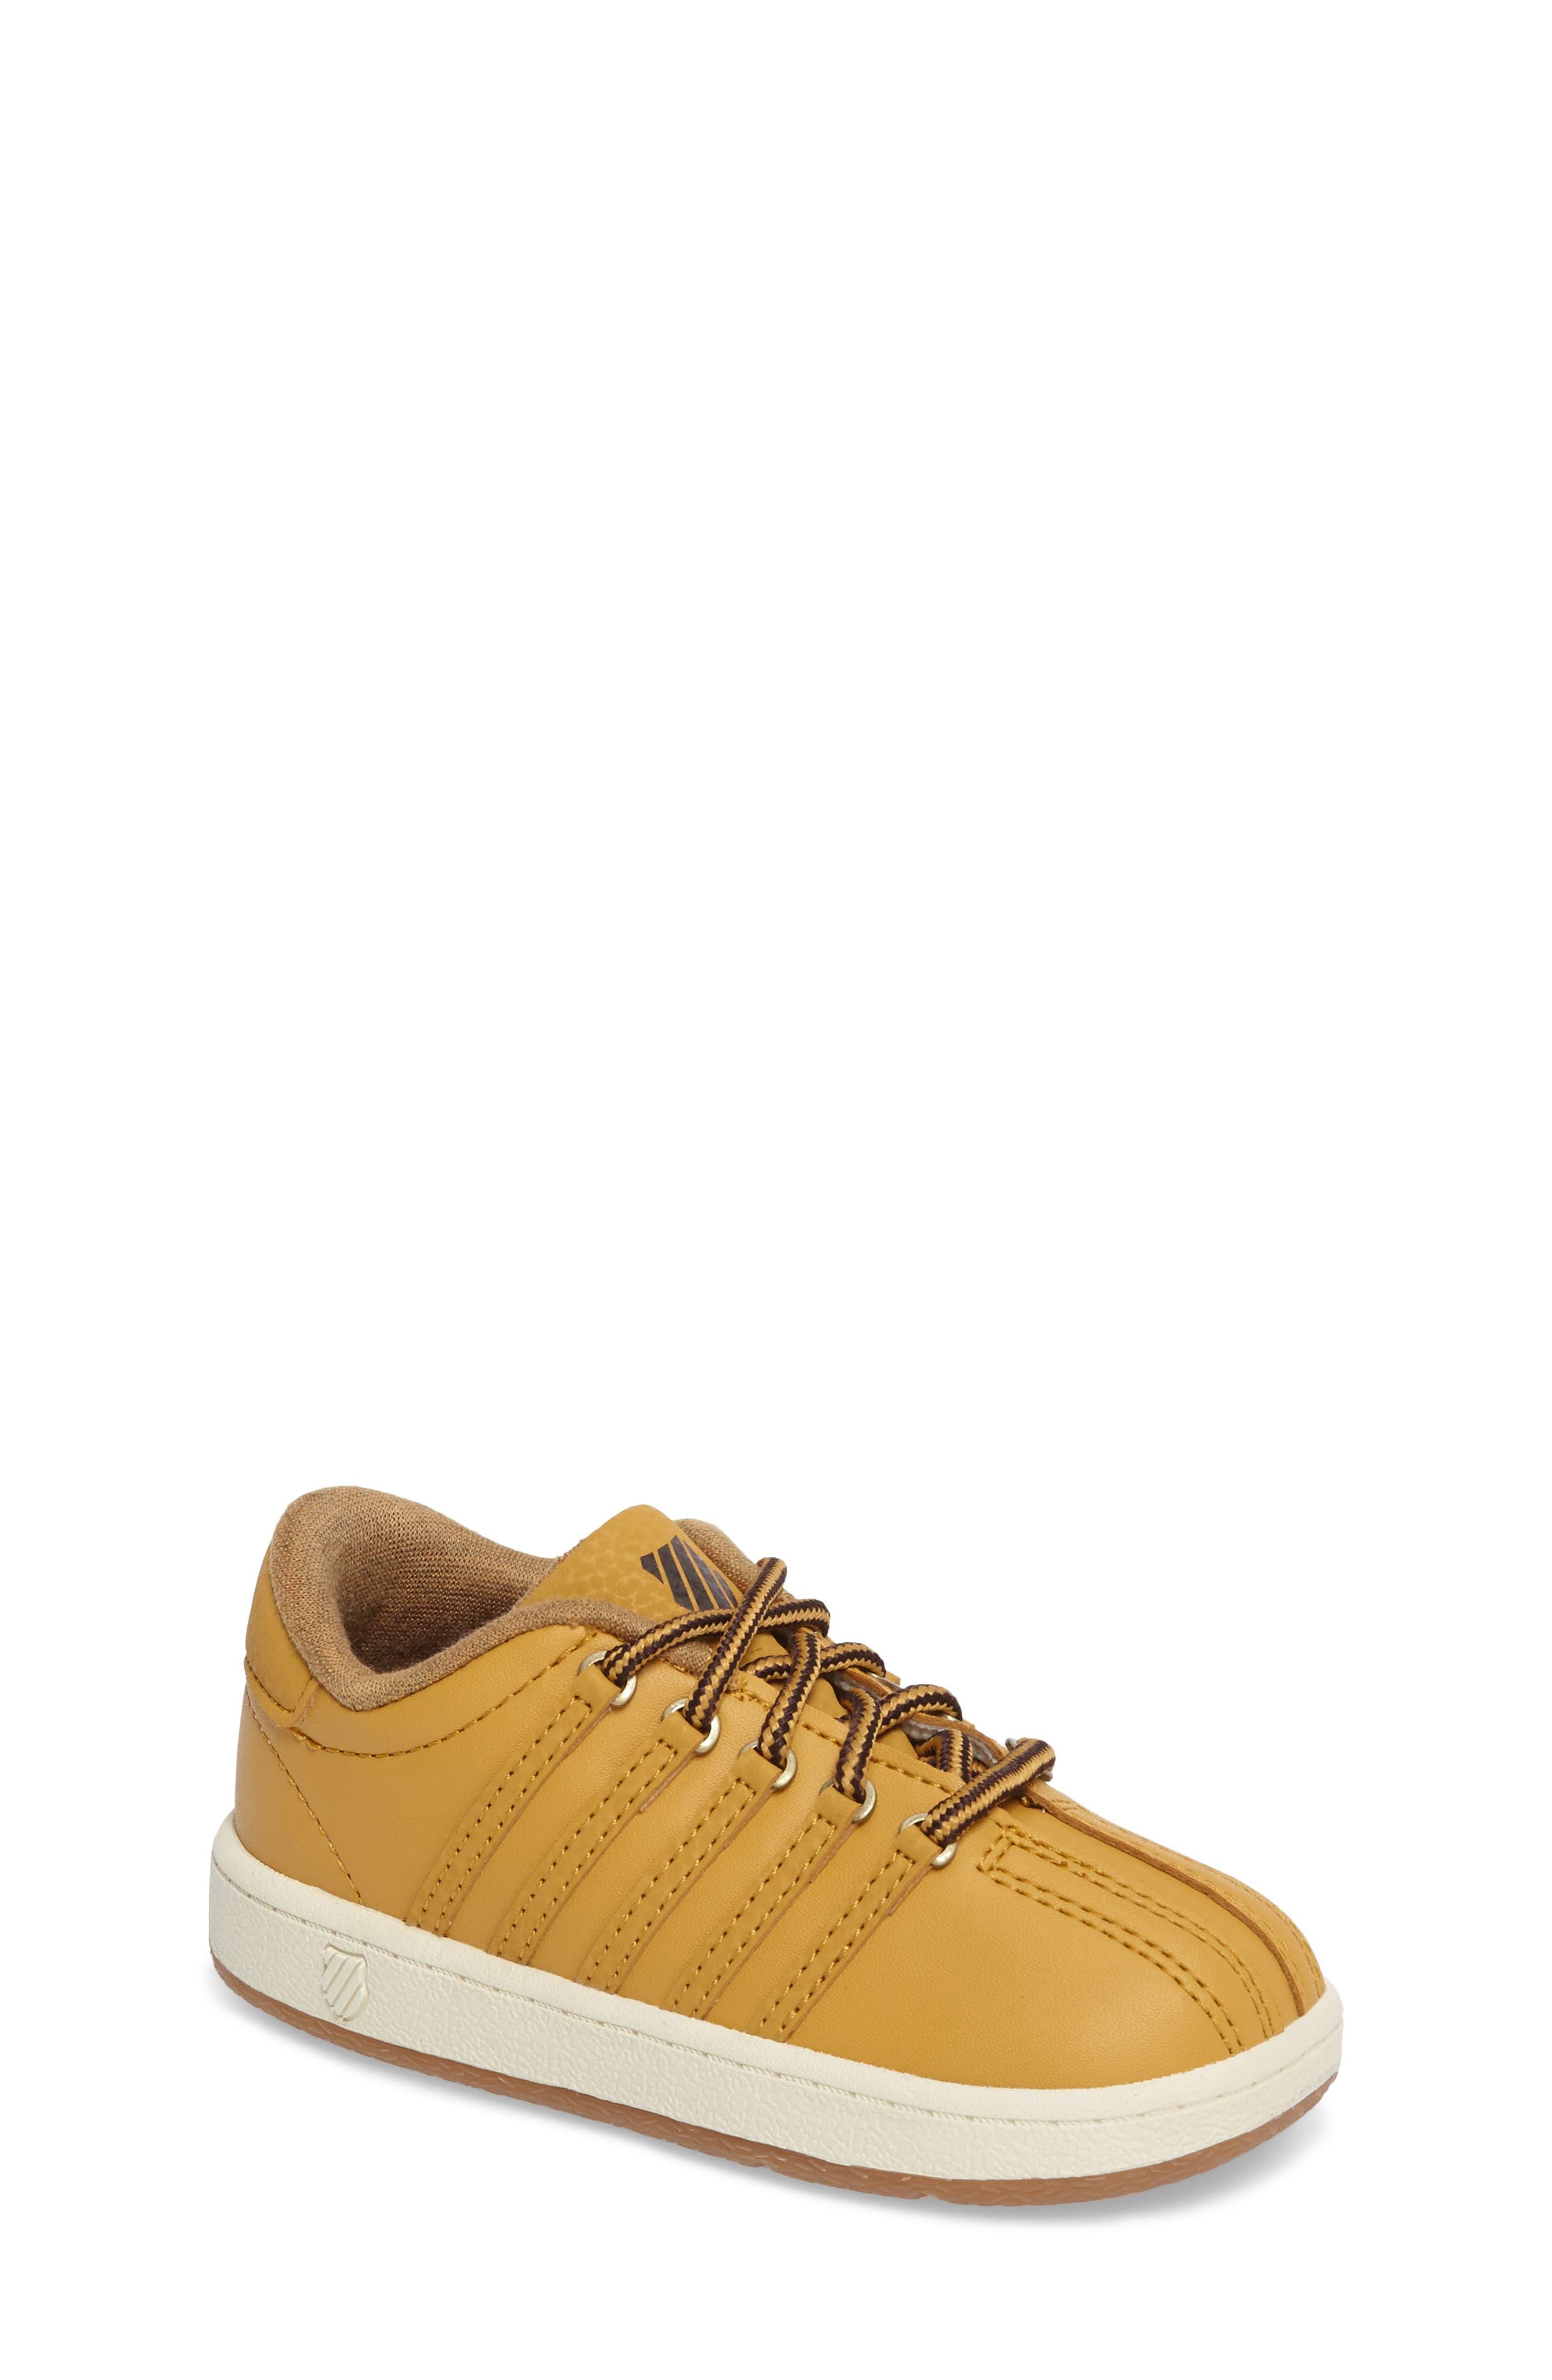 Alternate Image 1 Selected - K-Swiss Classic VN Sneaker (Baby, Walker & Toddler)